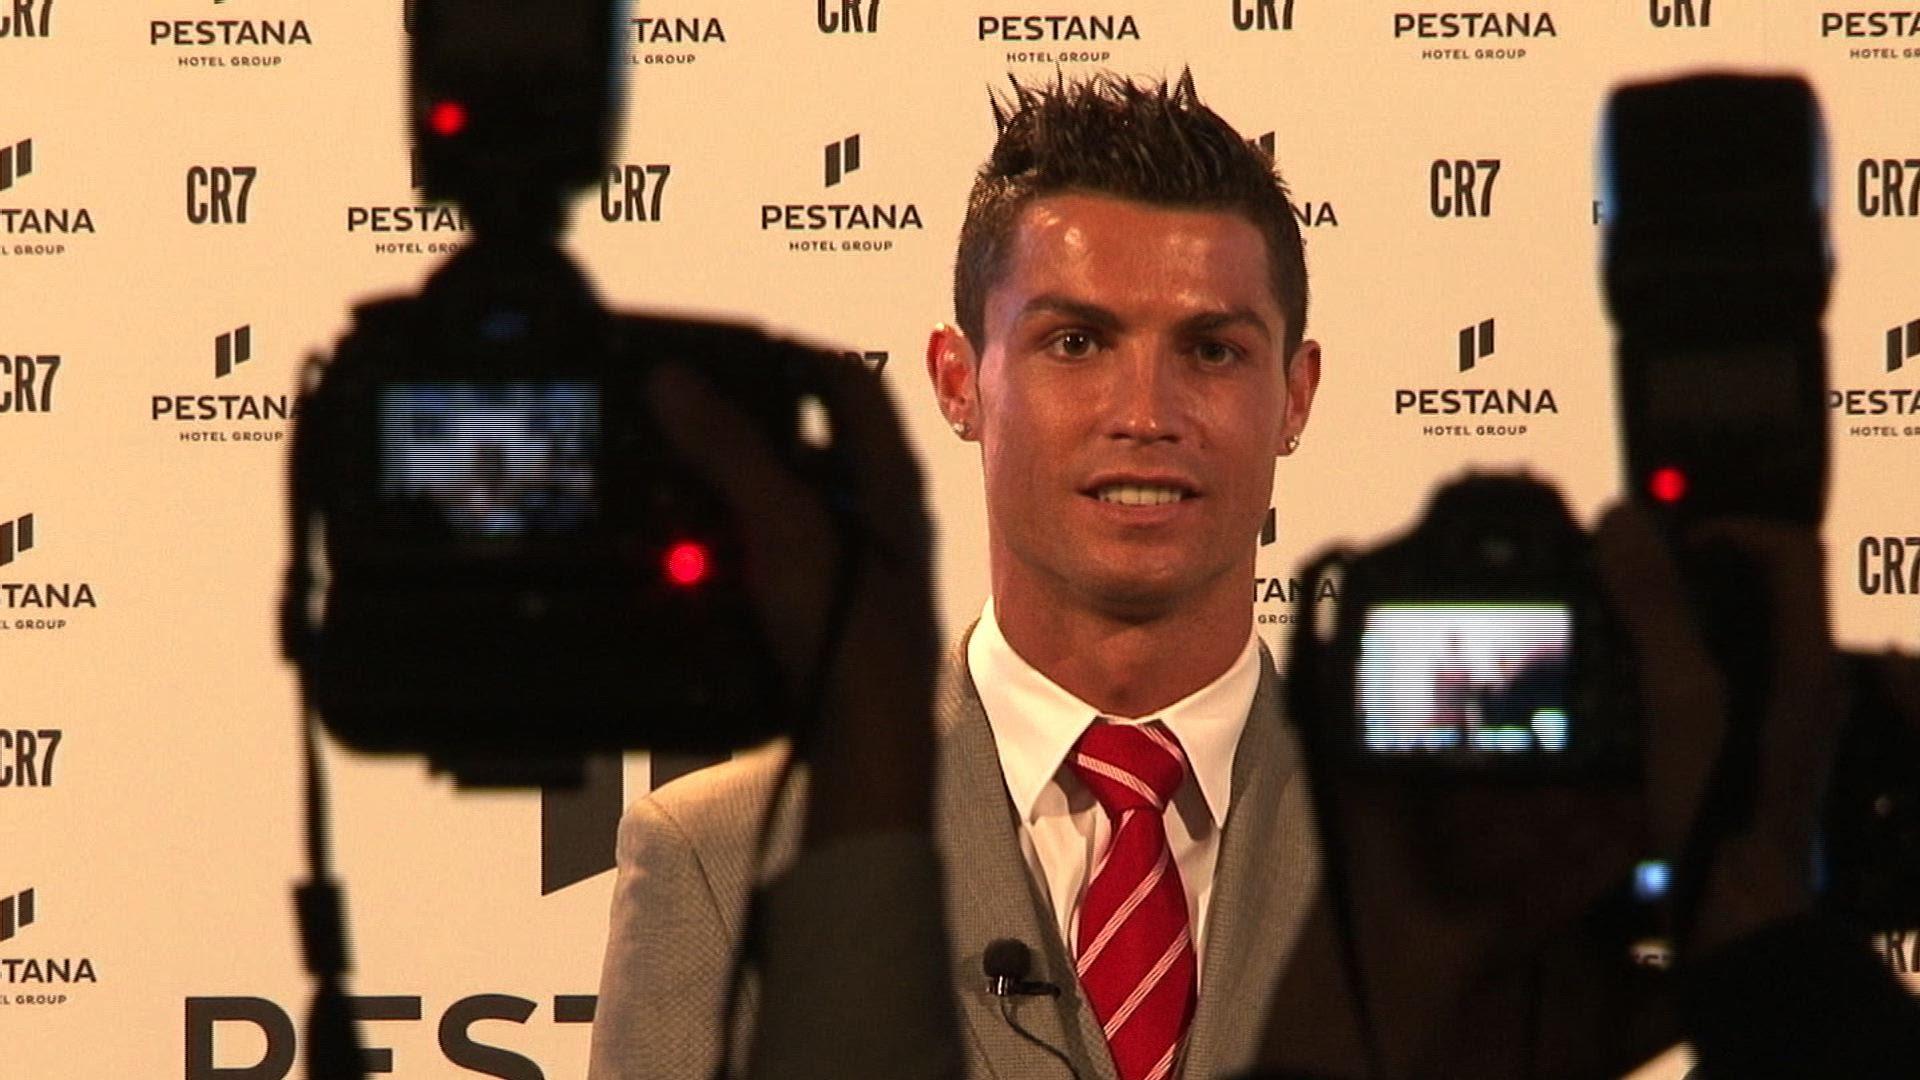 Cristiano Ronaldo otkrio čime će se baviti kada završi nogometnu karijeru